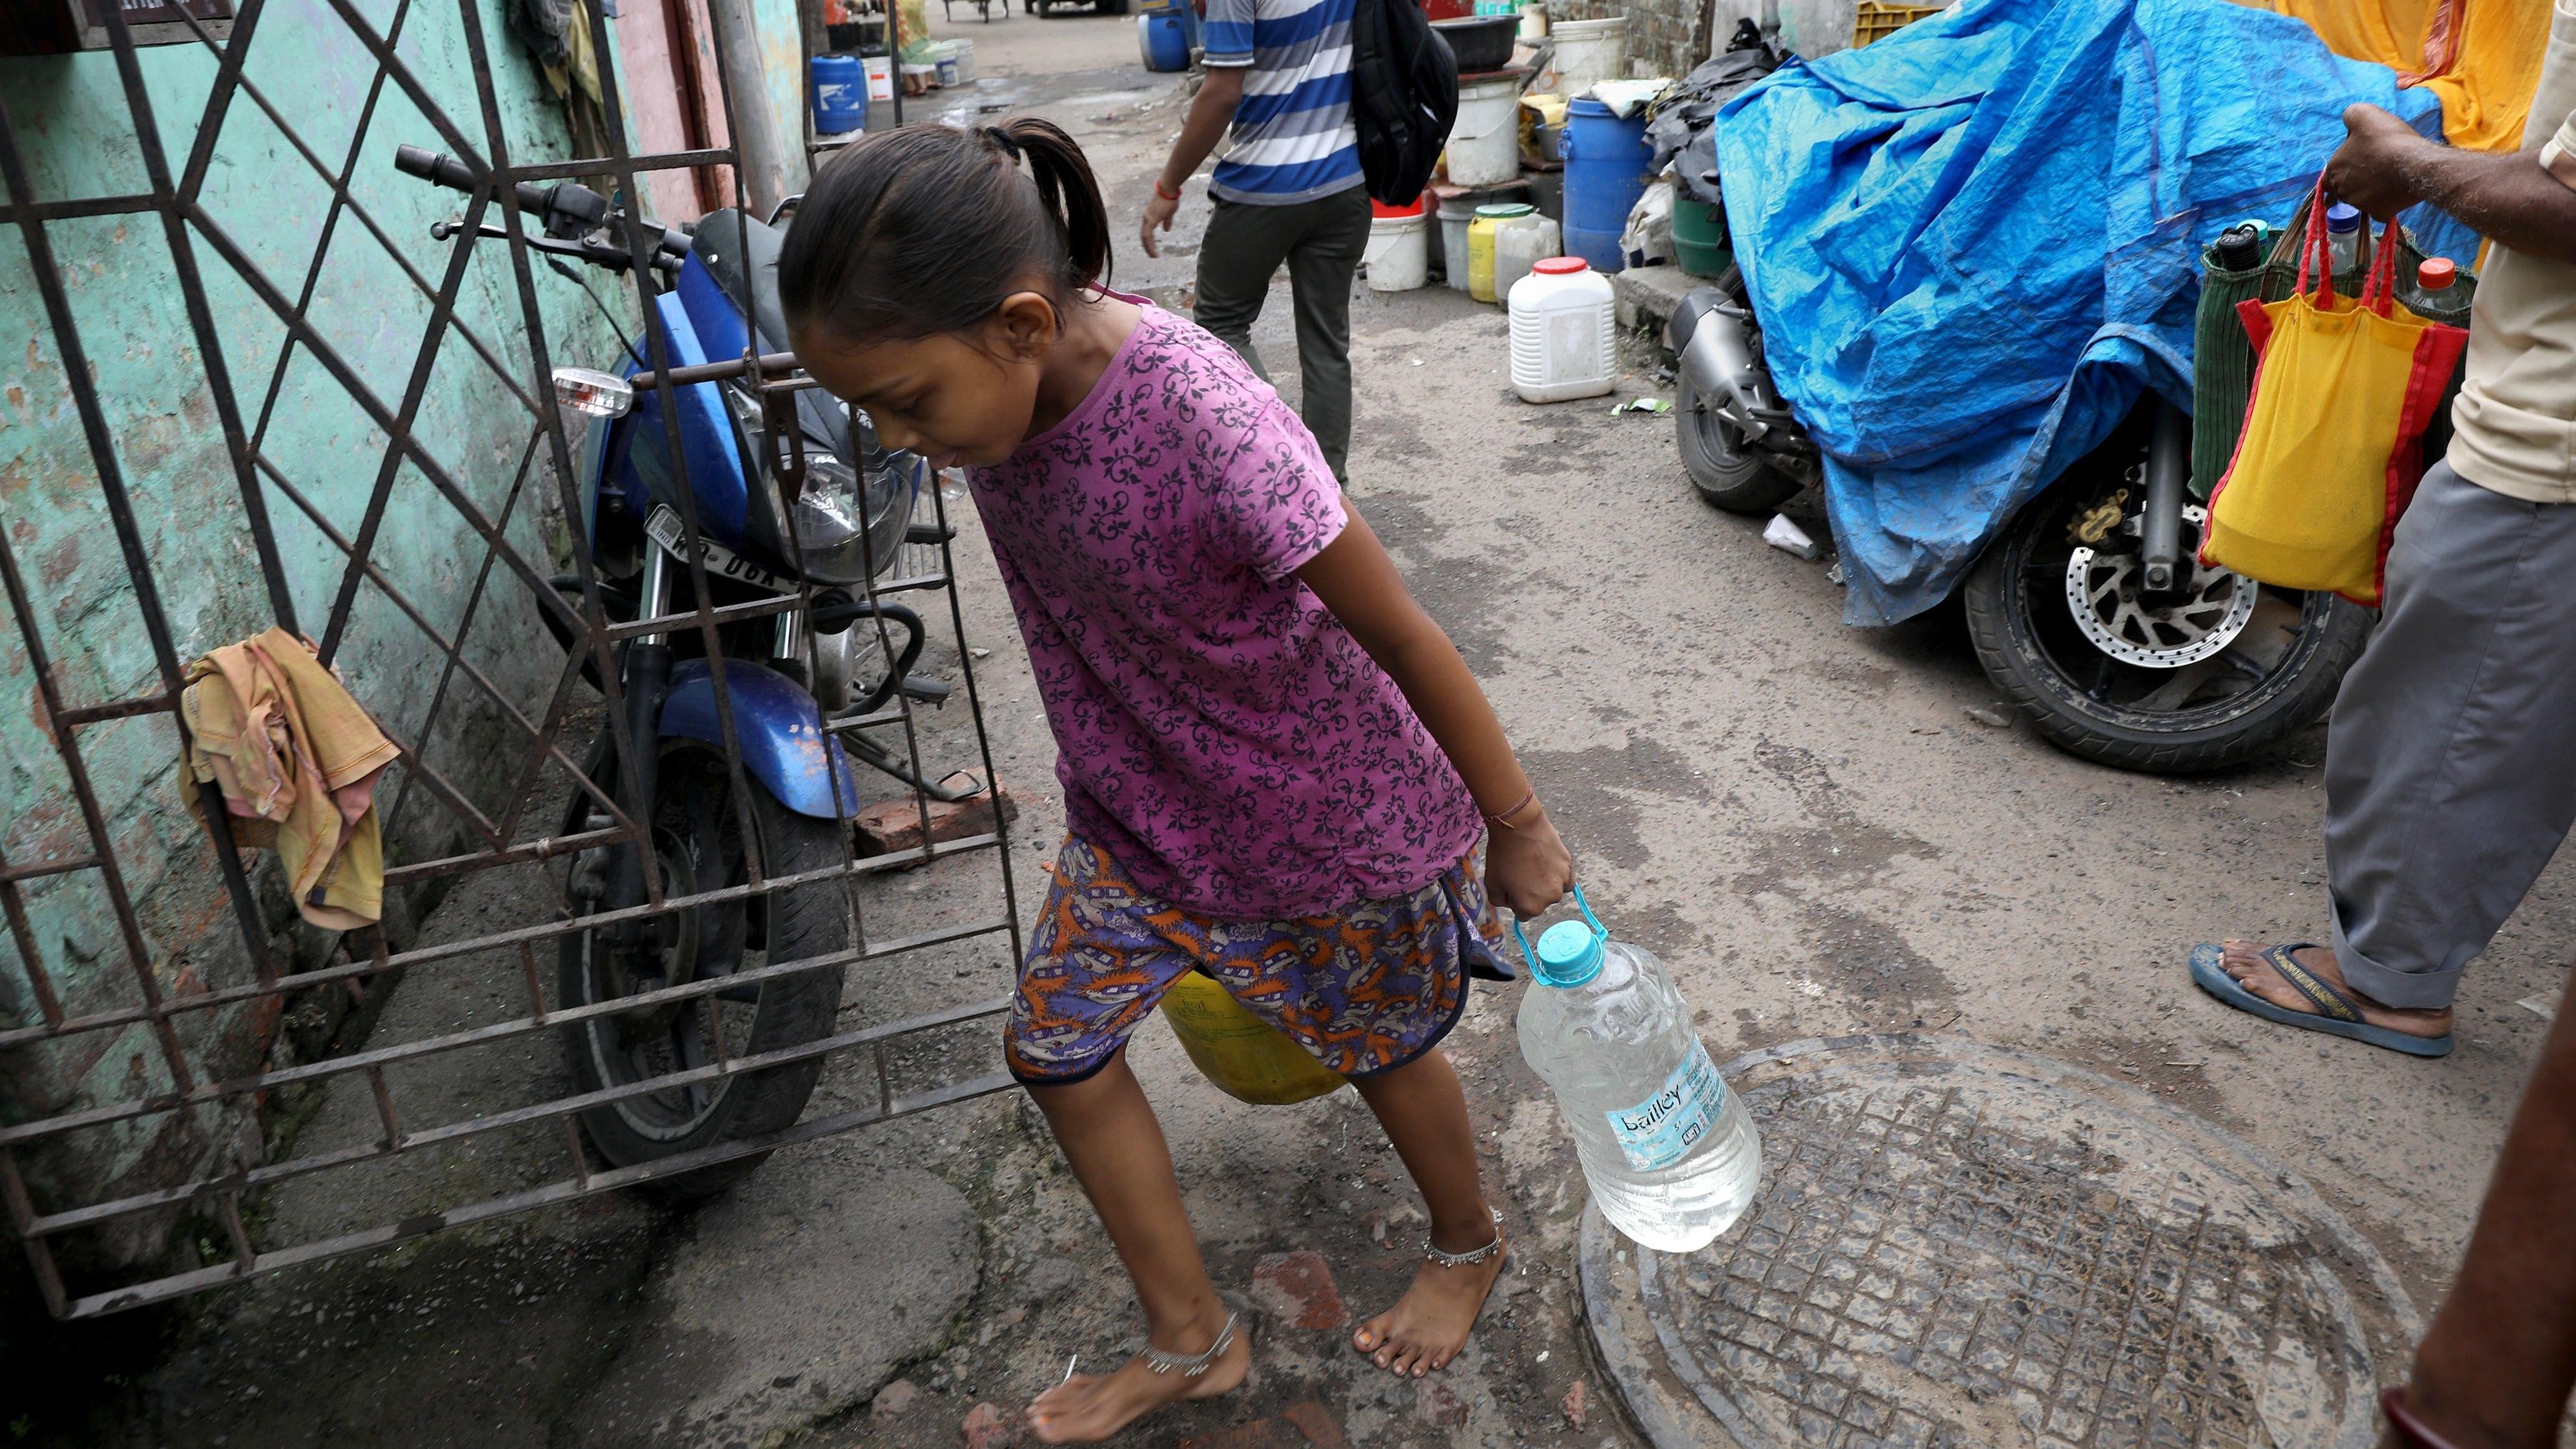 El tráfico ilegal del agua en la India